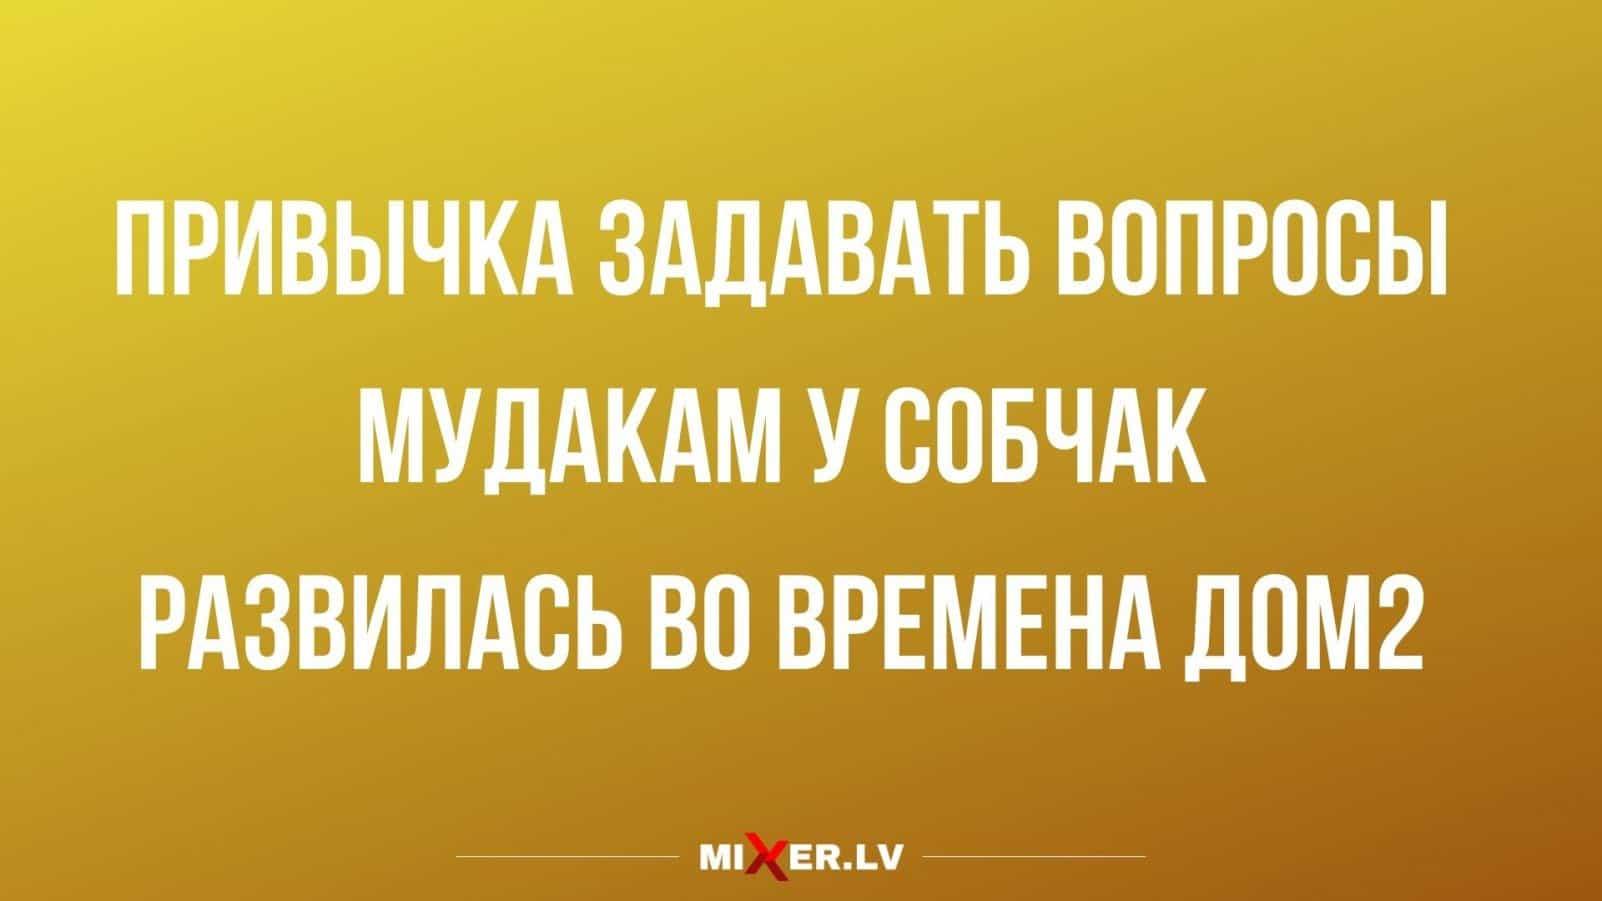 Анекдоты за сегодня и новое интервью Собчак